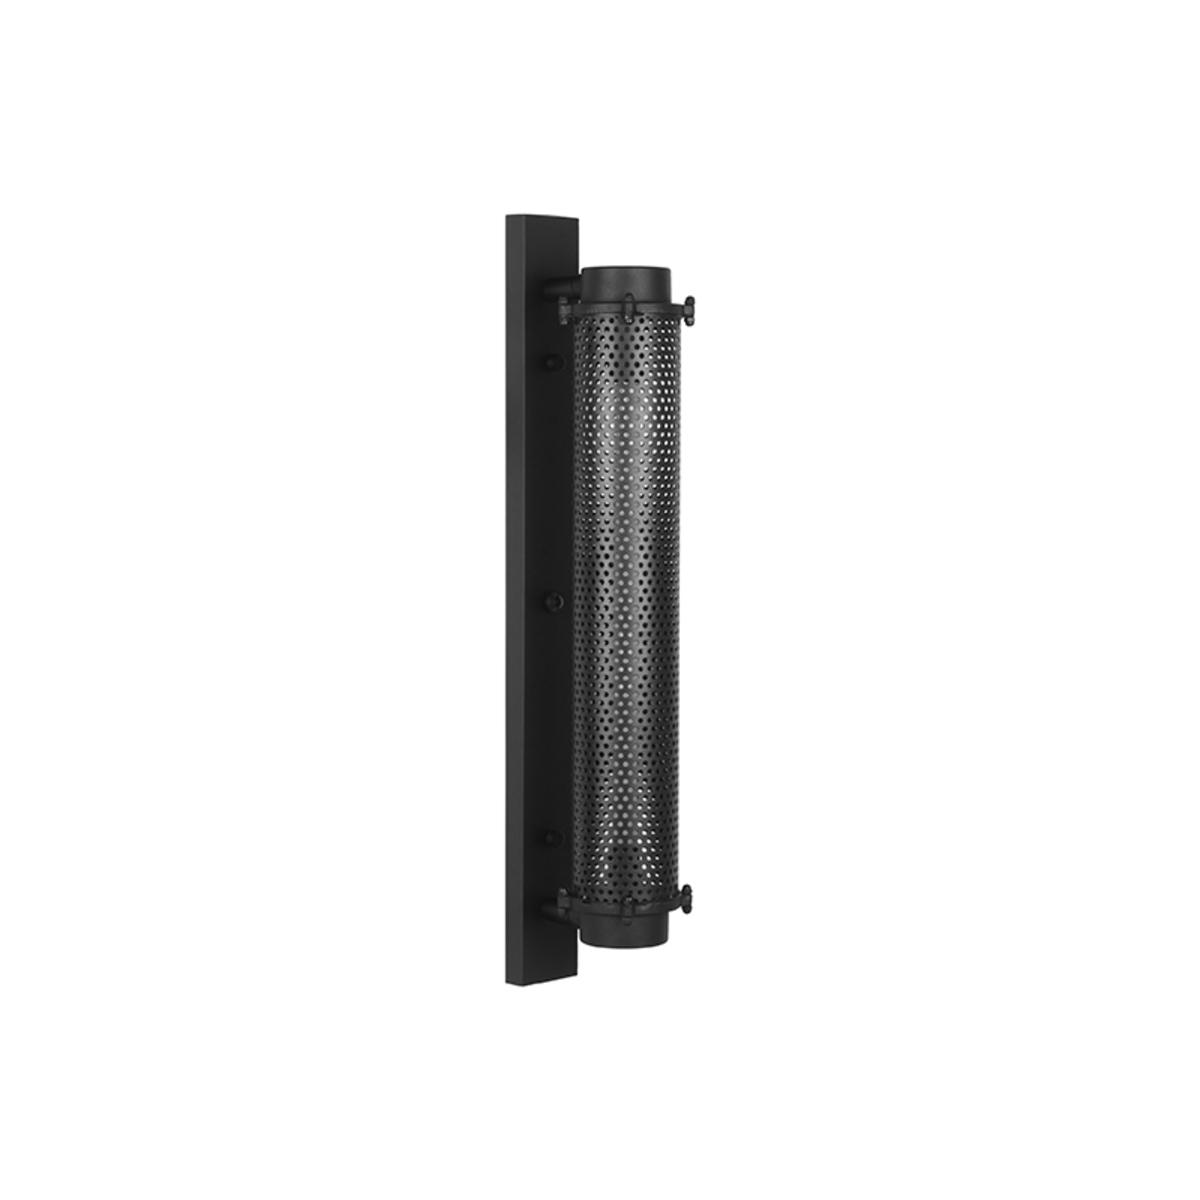 Wandlamp Tube - Zwart - Metaal